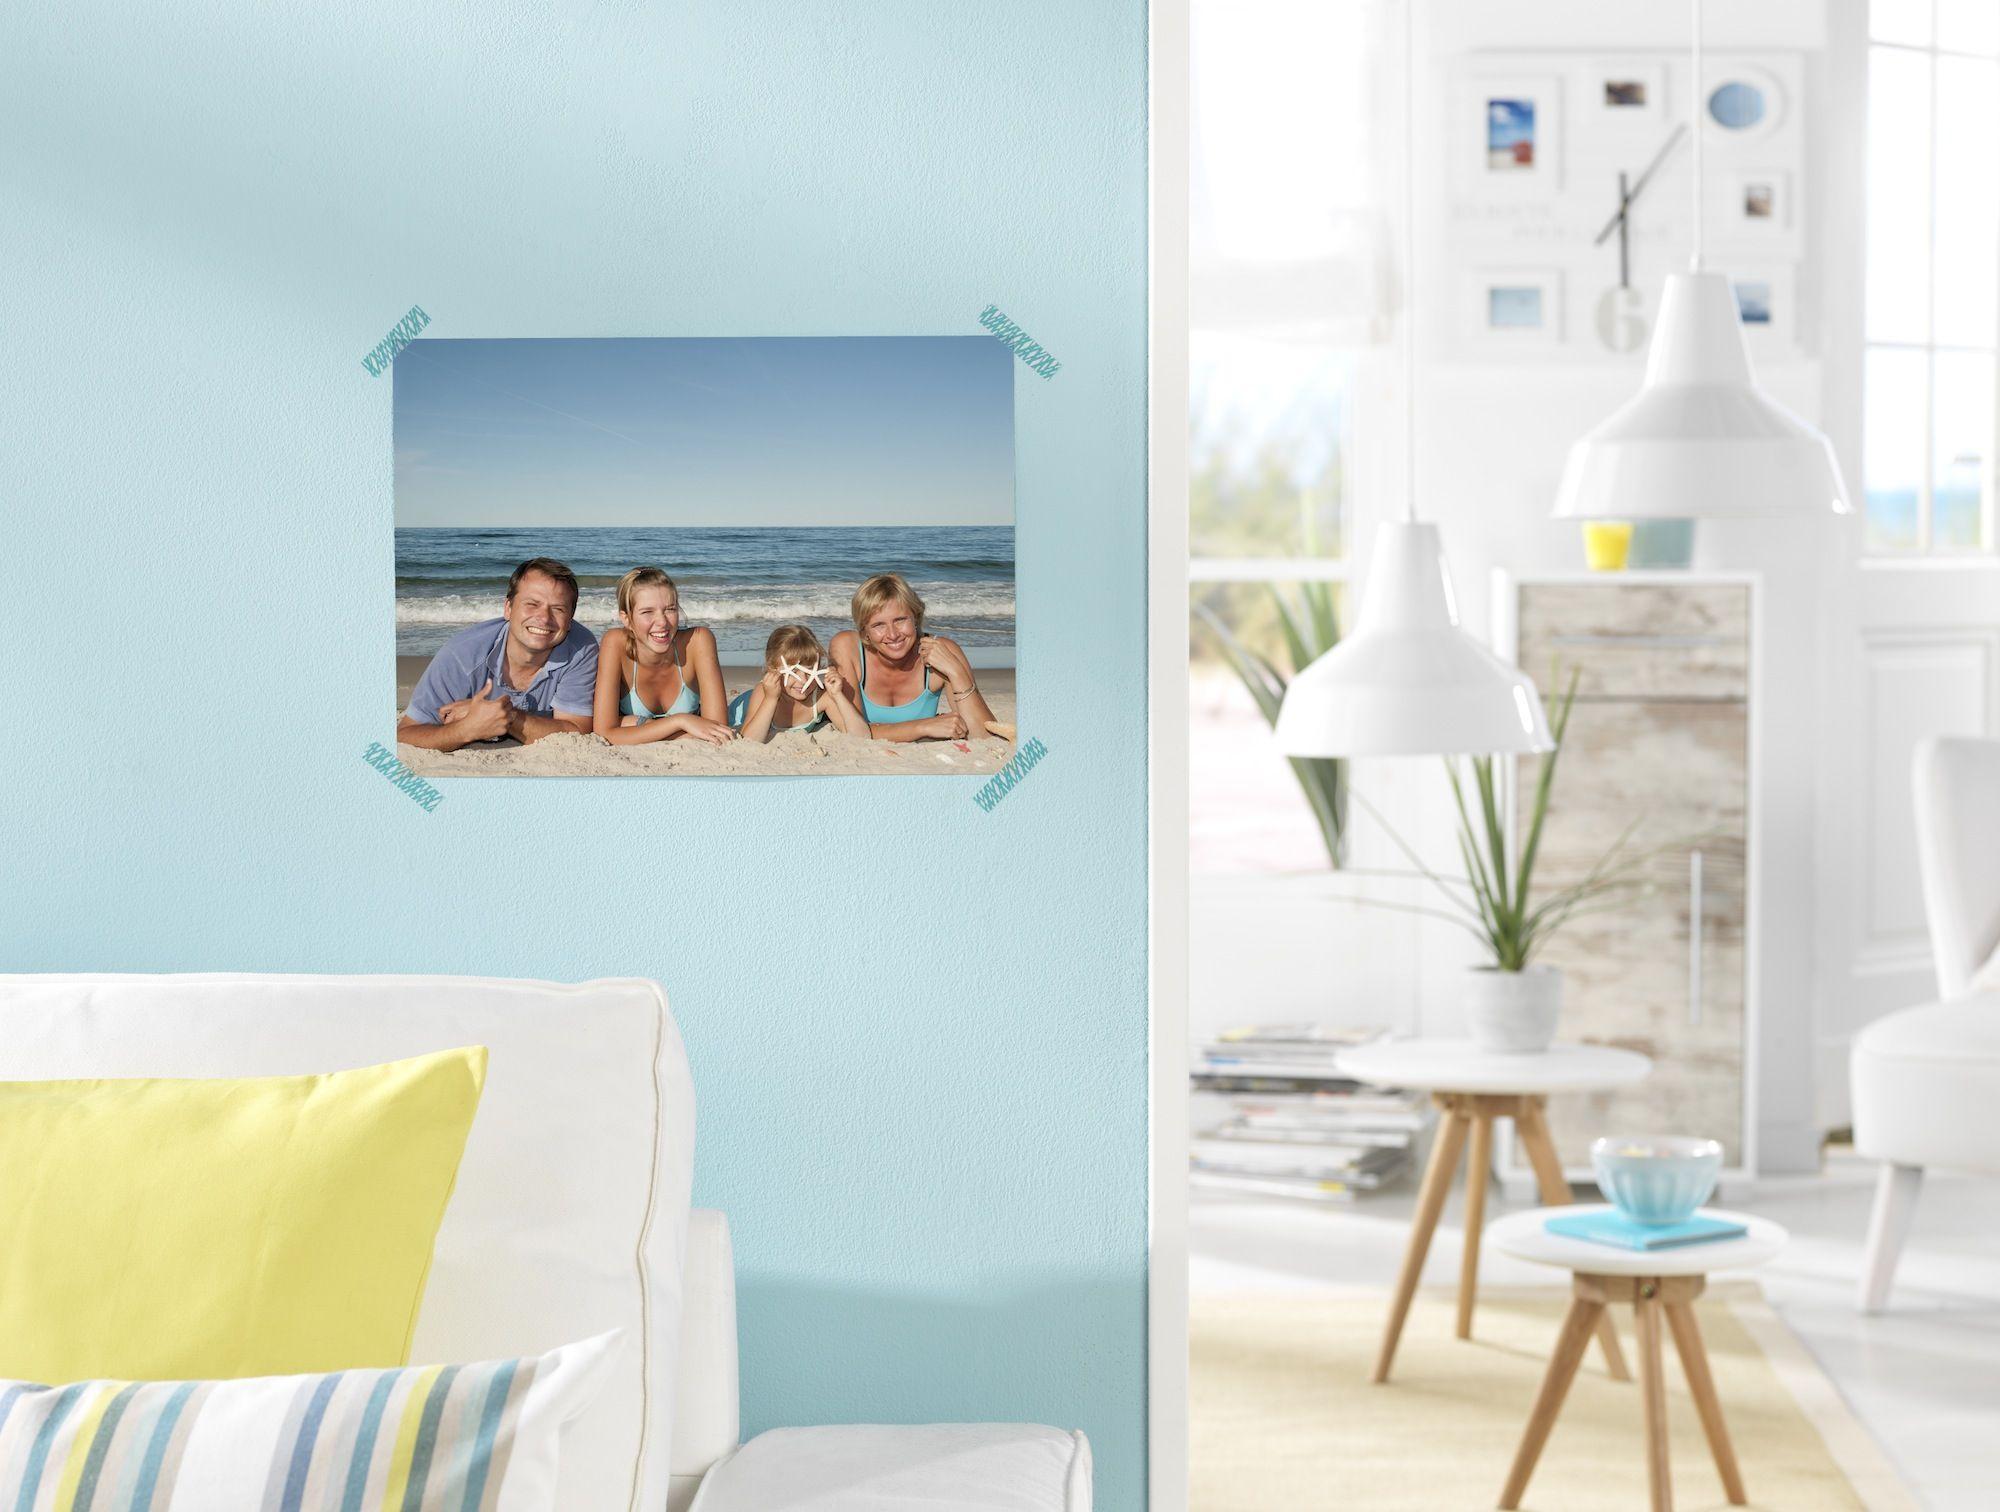 Deine Sommer-Highlights auf unseren Postern: http://www.cewe-fotobuch.at/produkte/wanddekoration/ #diy #wanddeko #summer